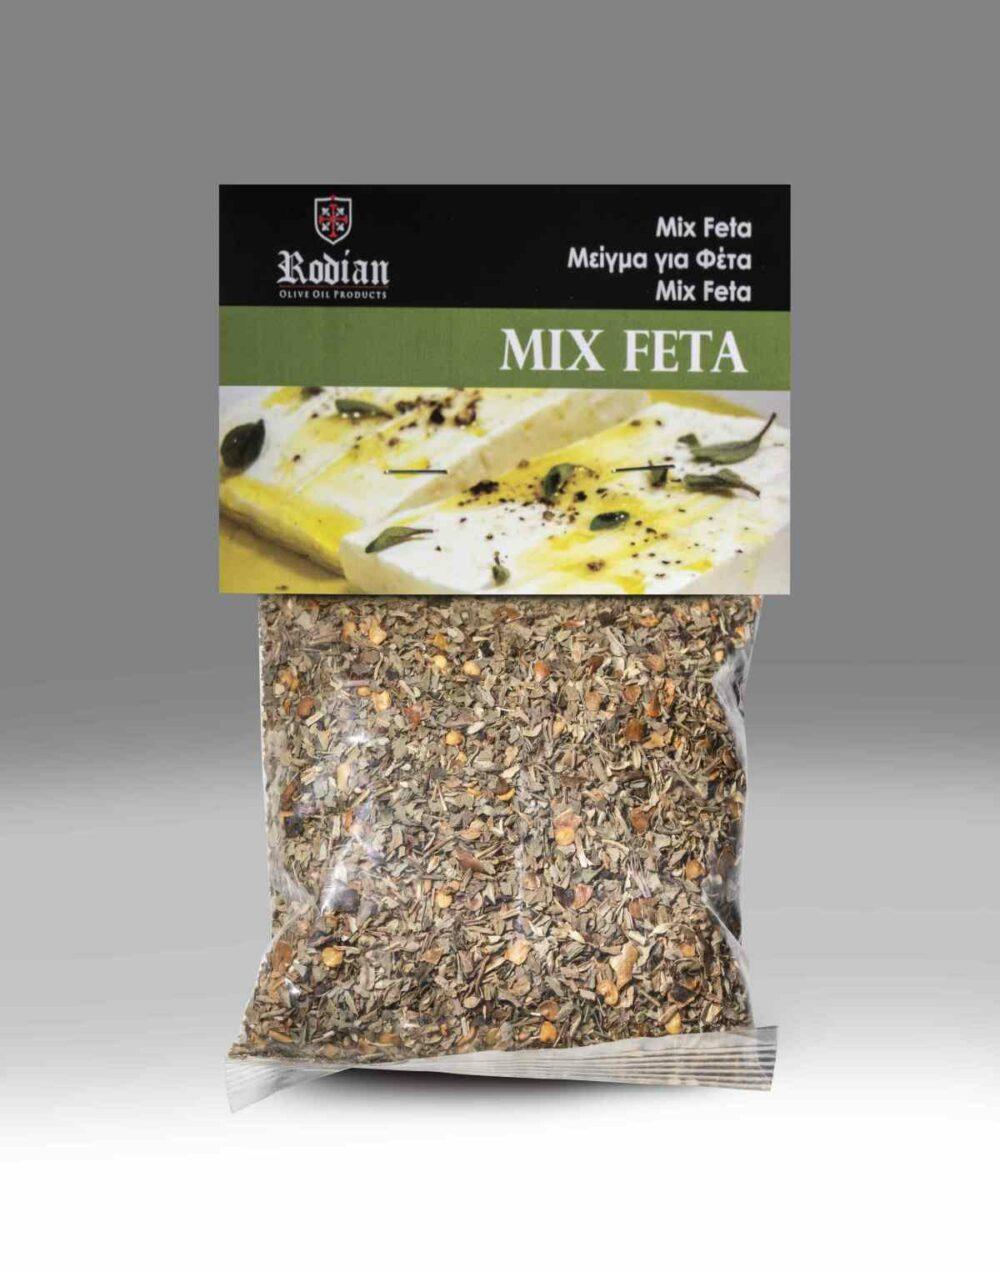 mix feta